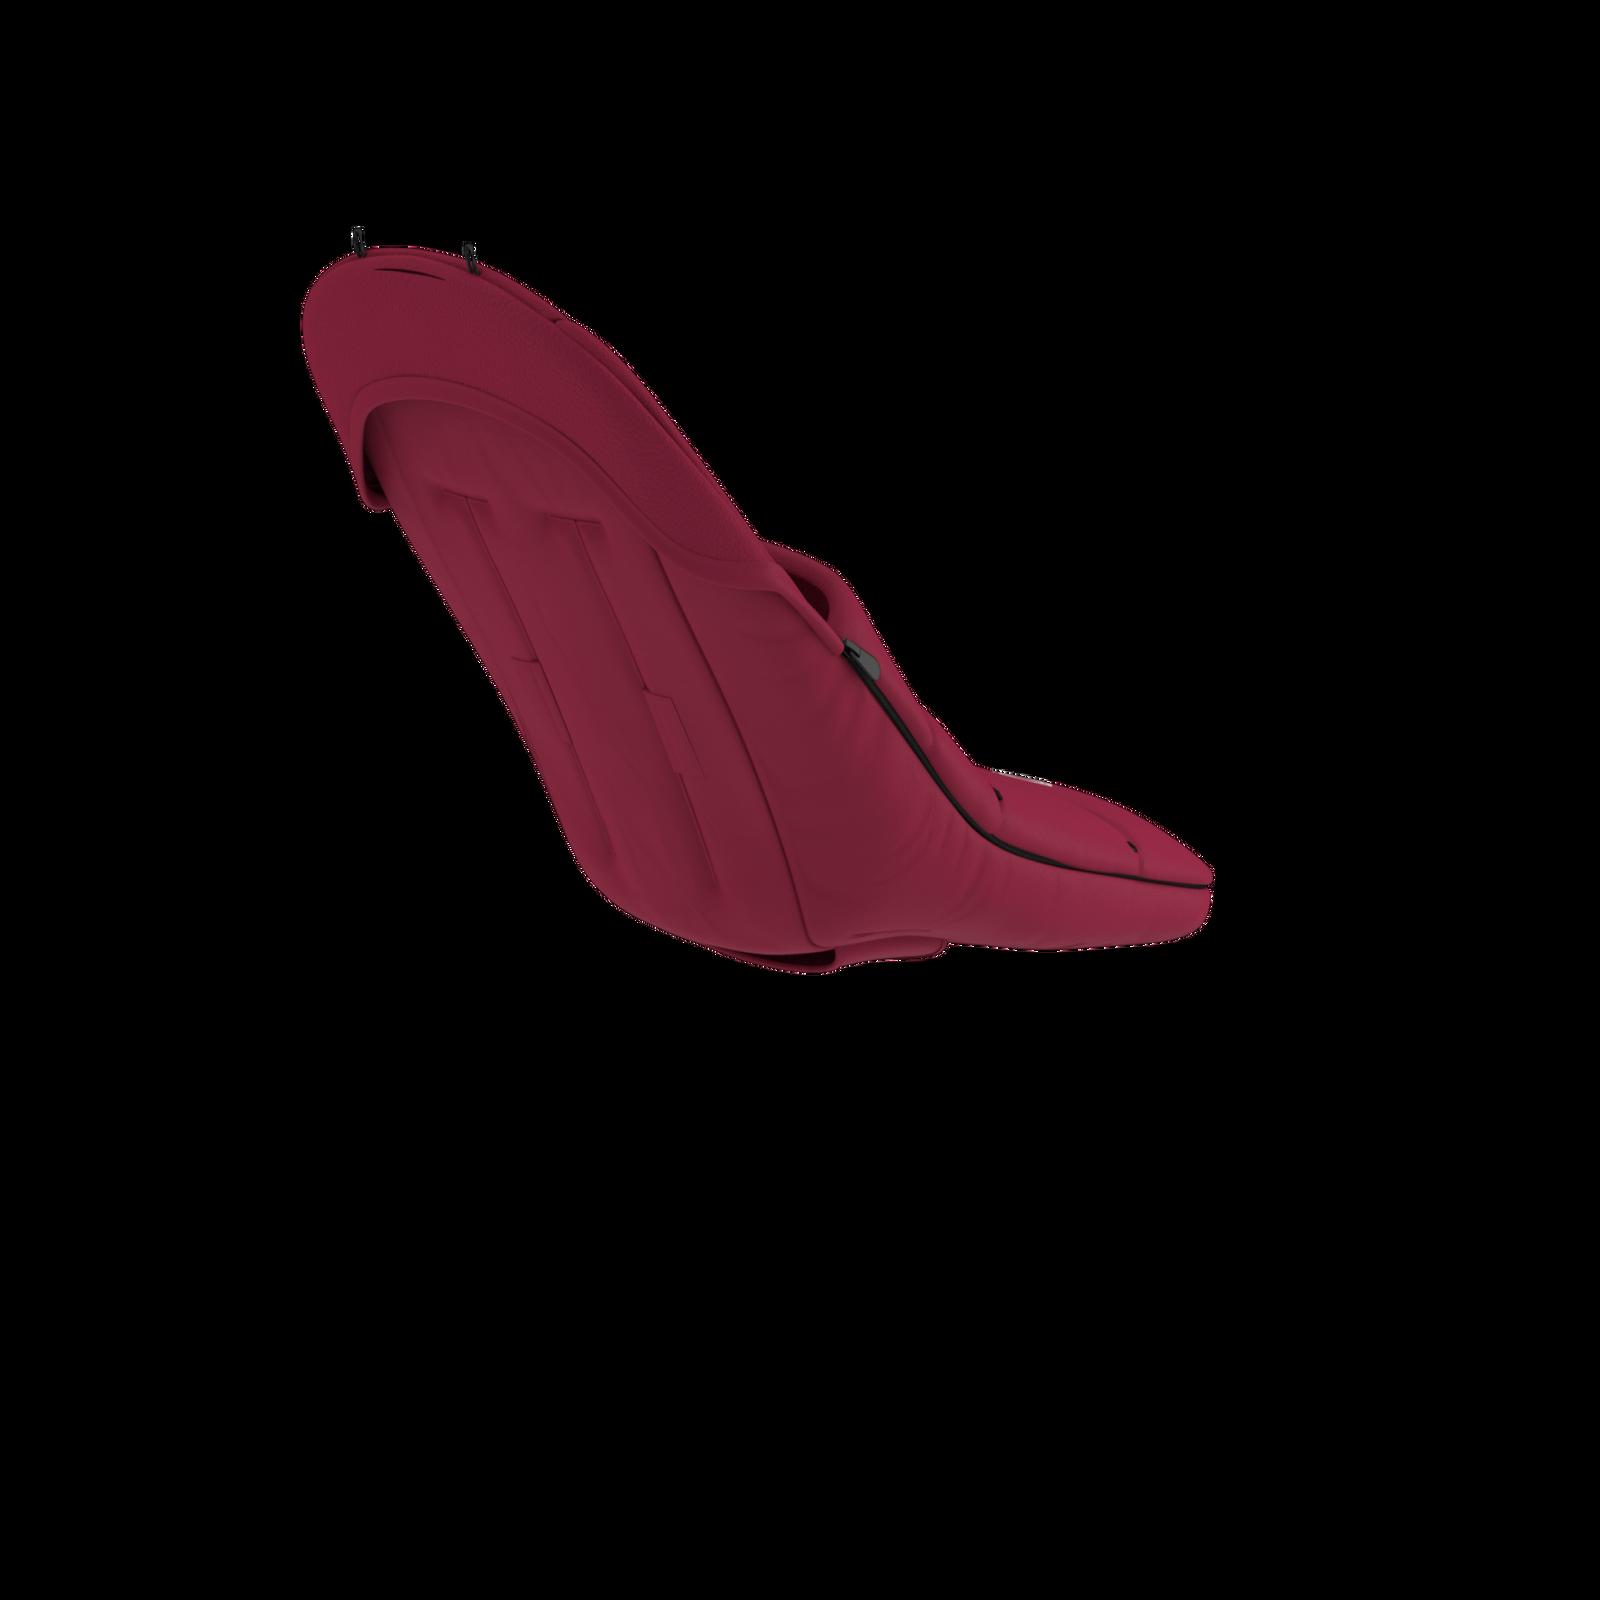 Bugaboo Footmuff RUBY RED